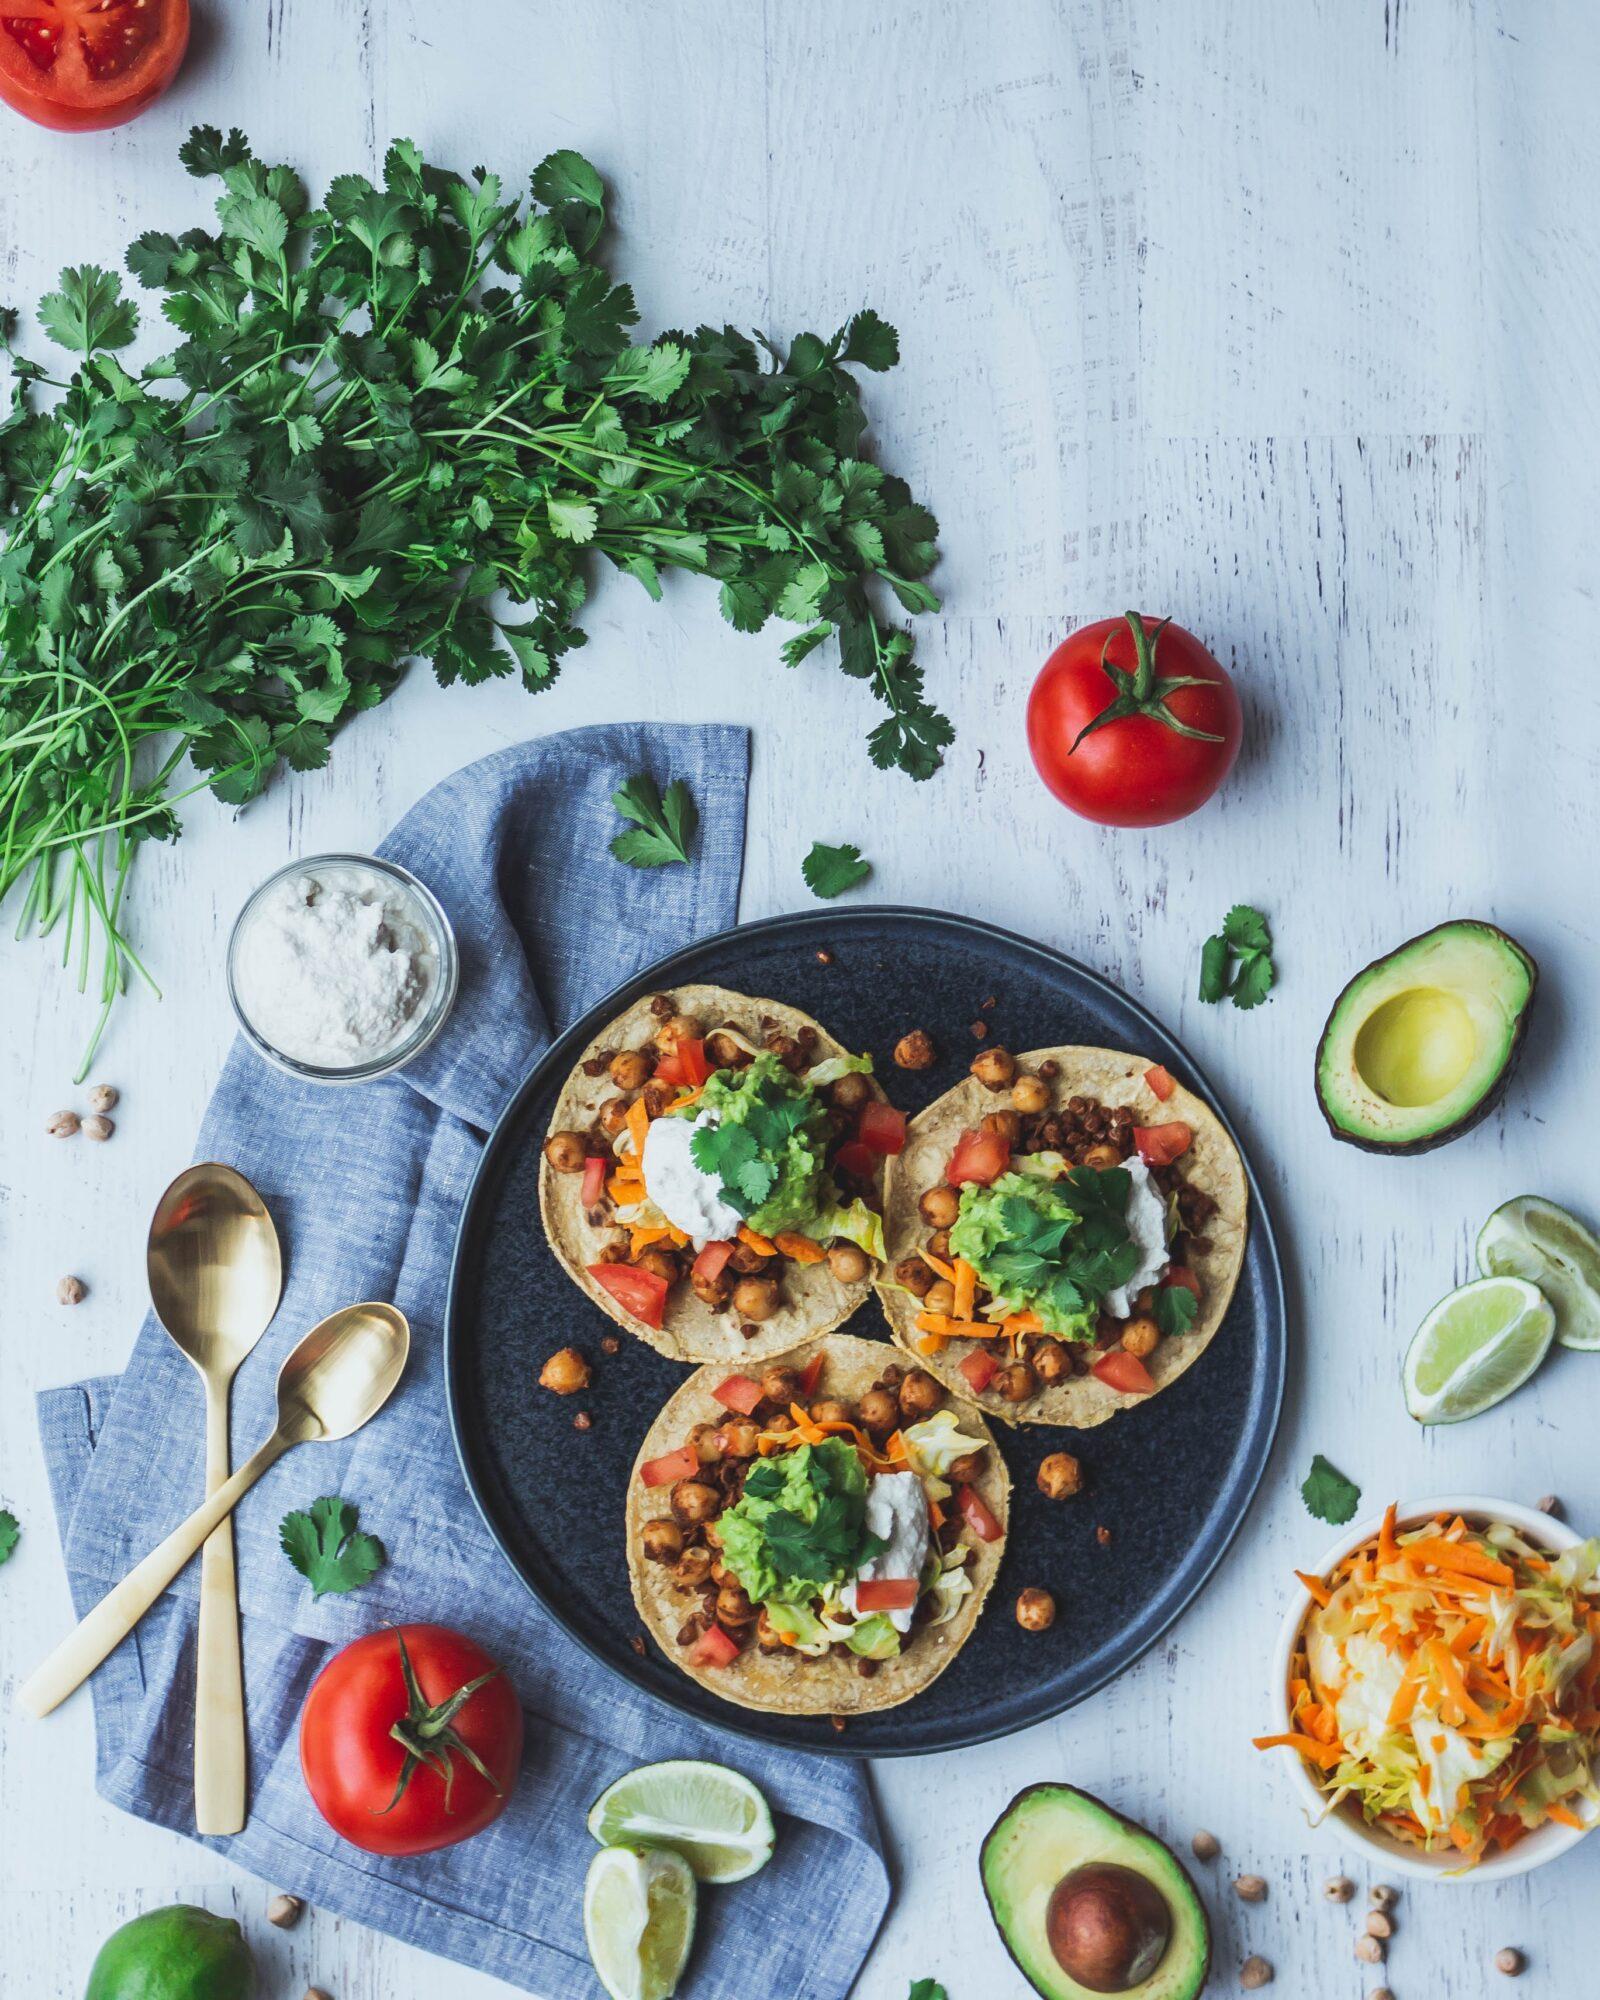 tacos-online-food-blog-latest-wedding-trends-unsplash